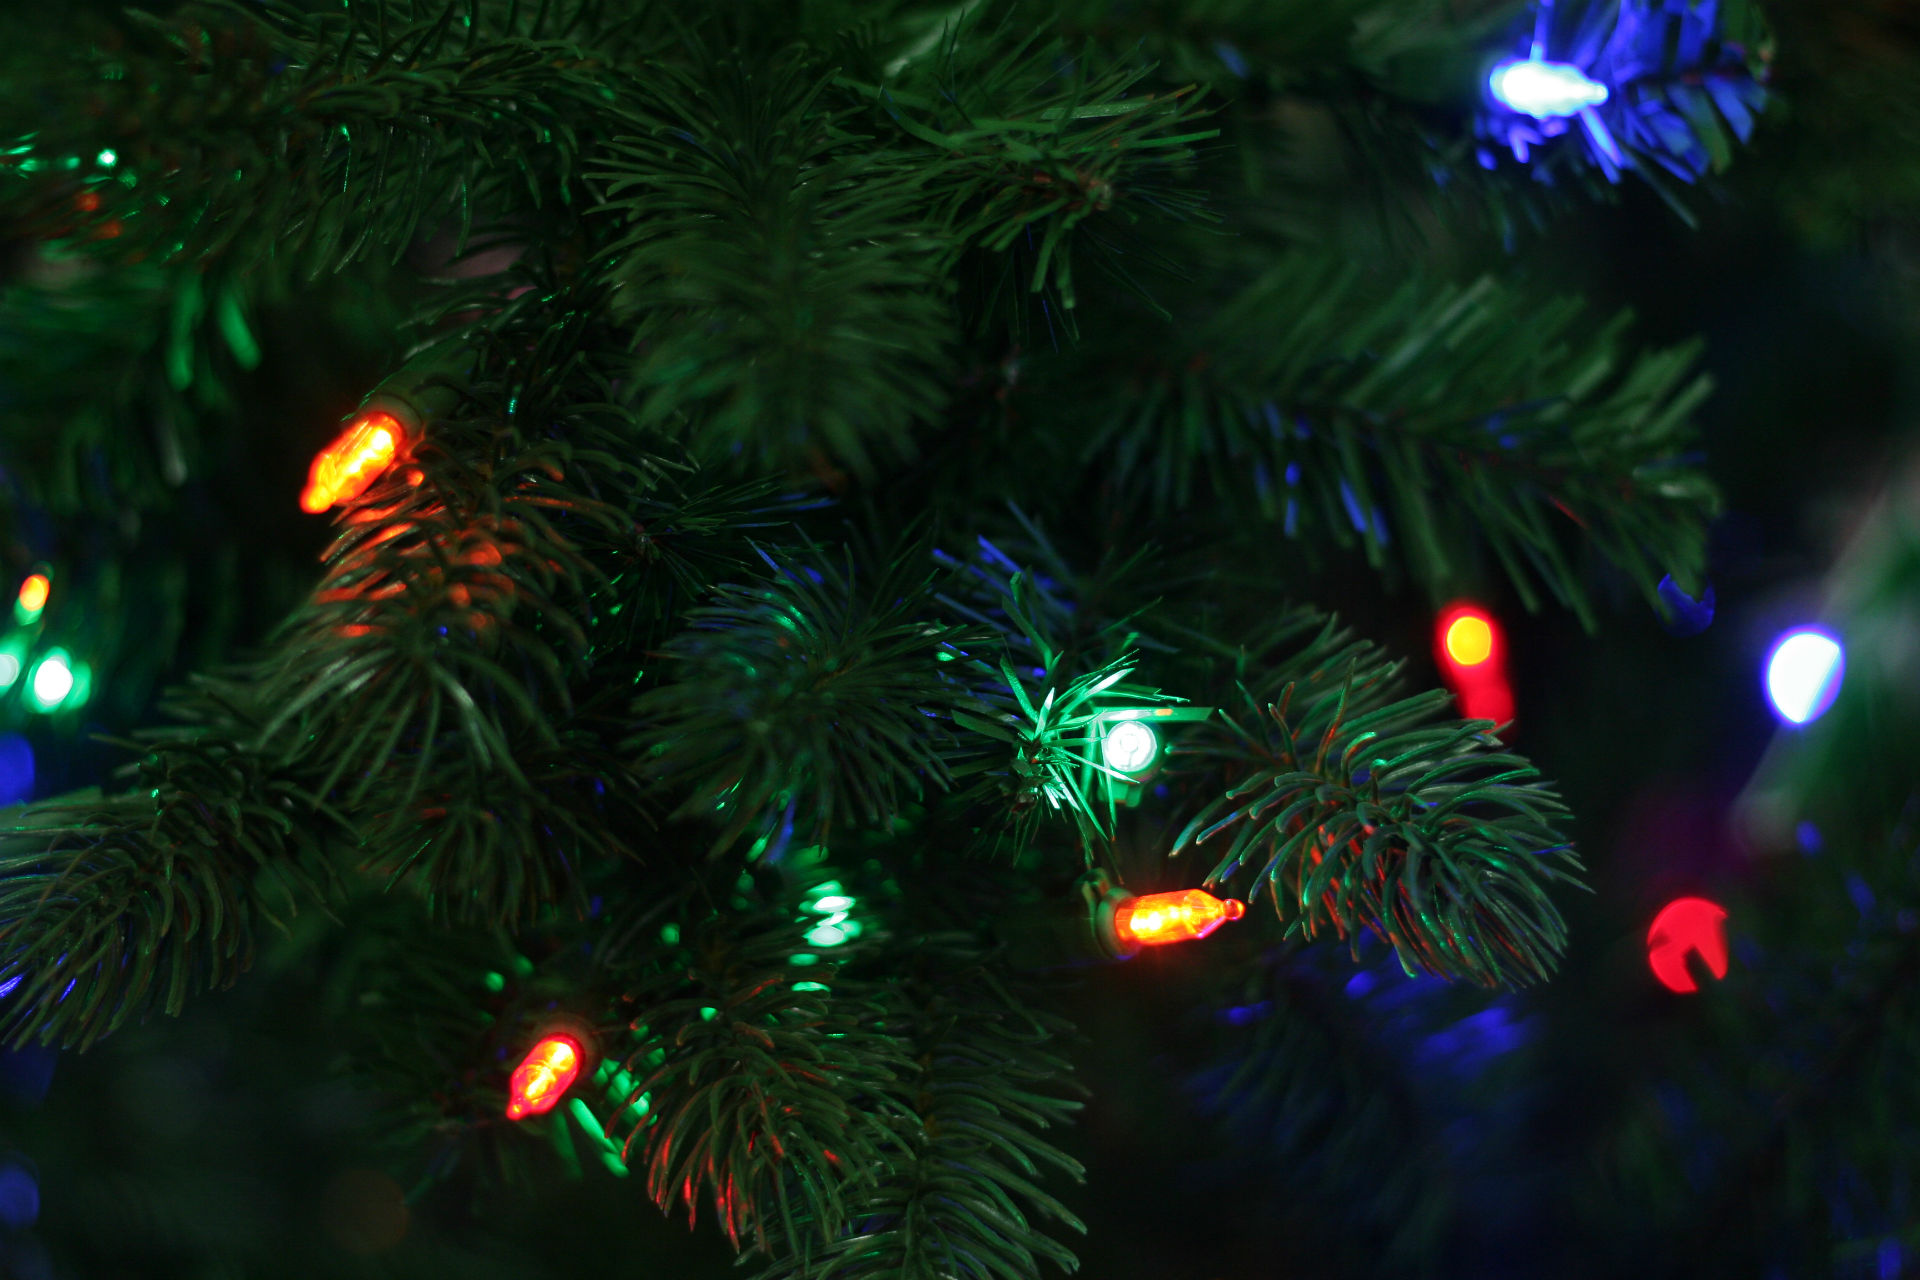 Blue Christmas Tree Forum Avatar: Christmas HD Wallpaper